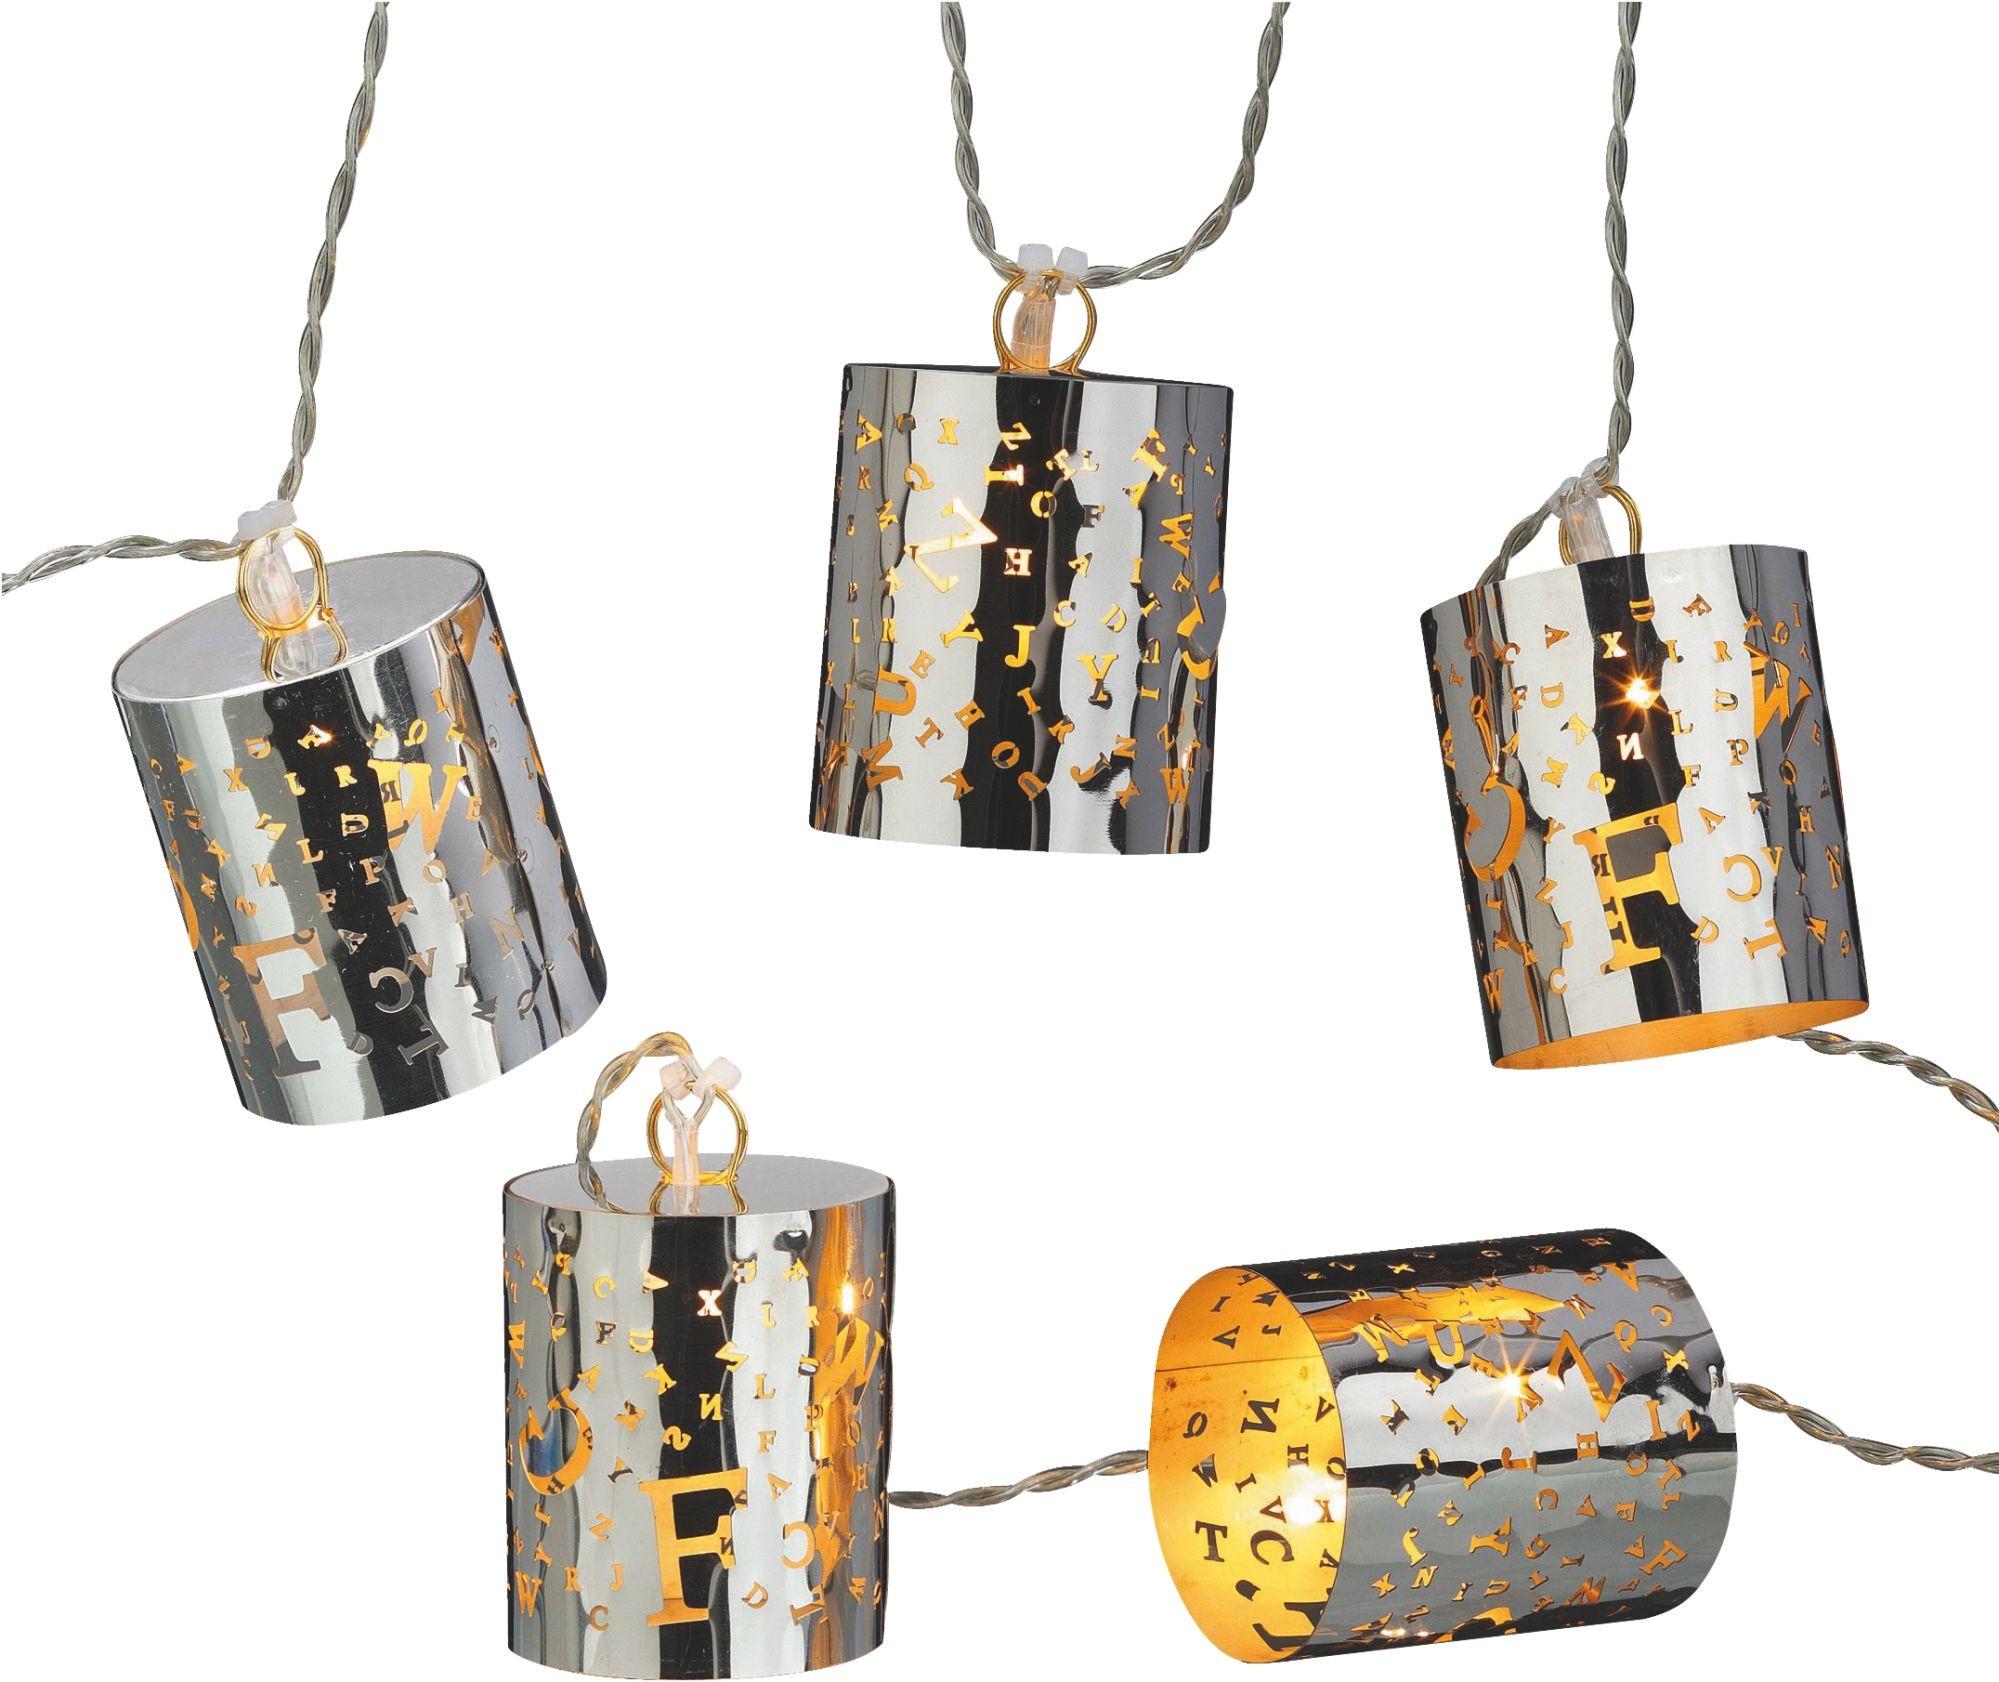 teamsix led lichterkette mit 6 metallzylindern und. Black Bedroom Furniture Sets. Home Design Ideas